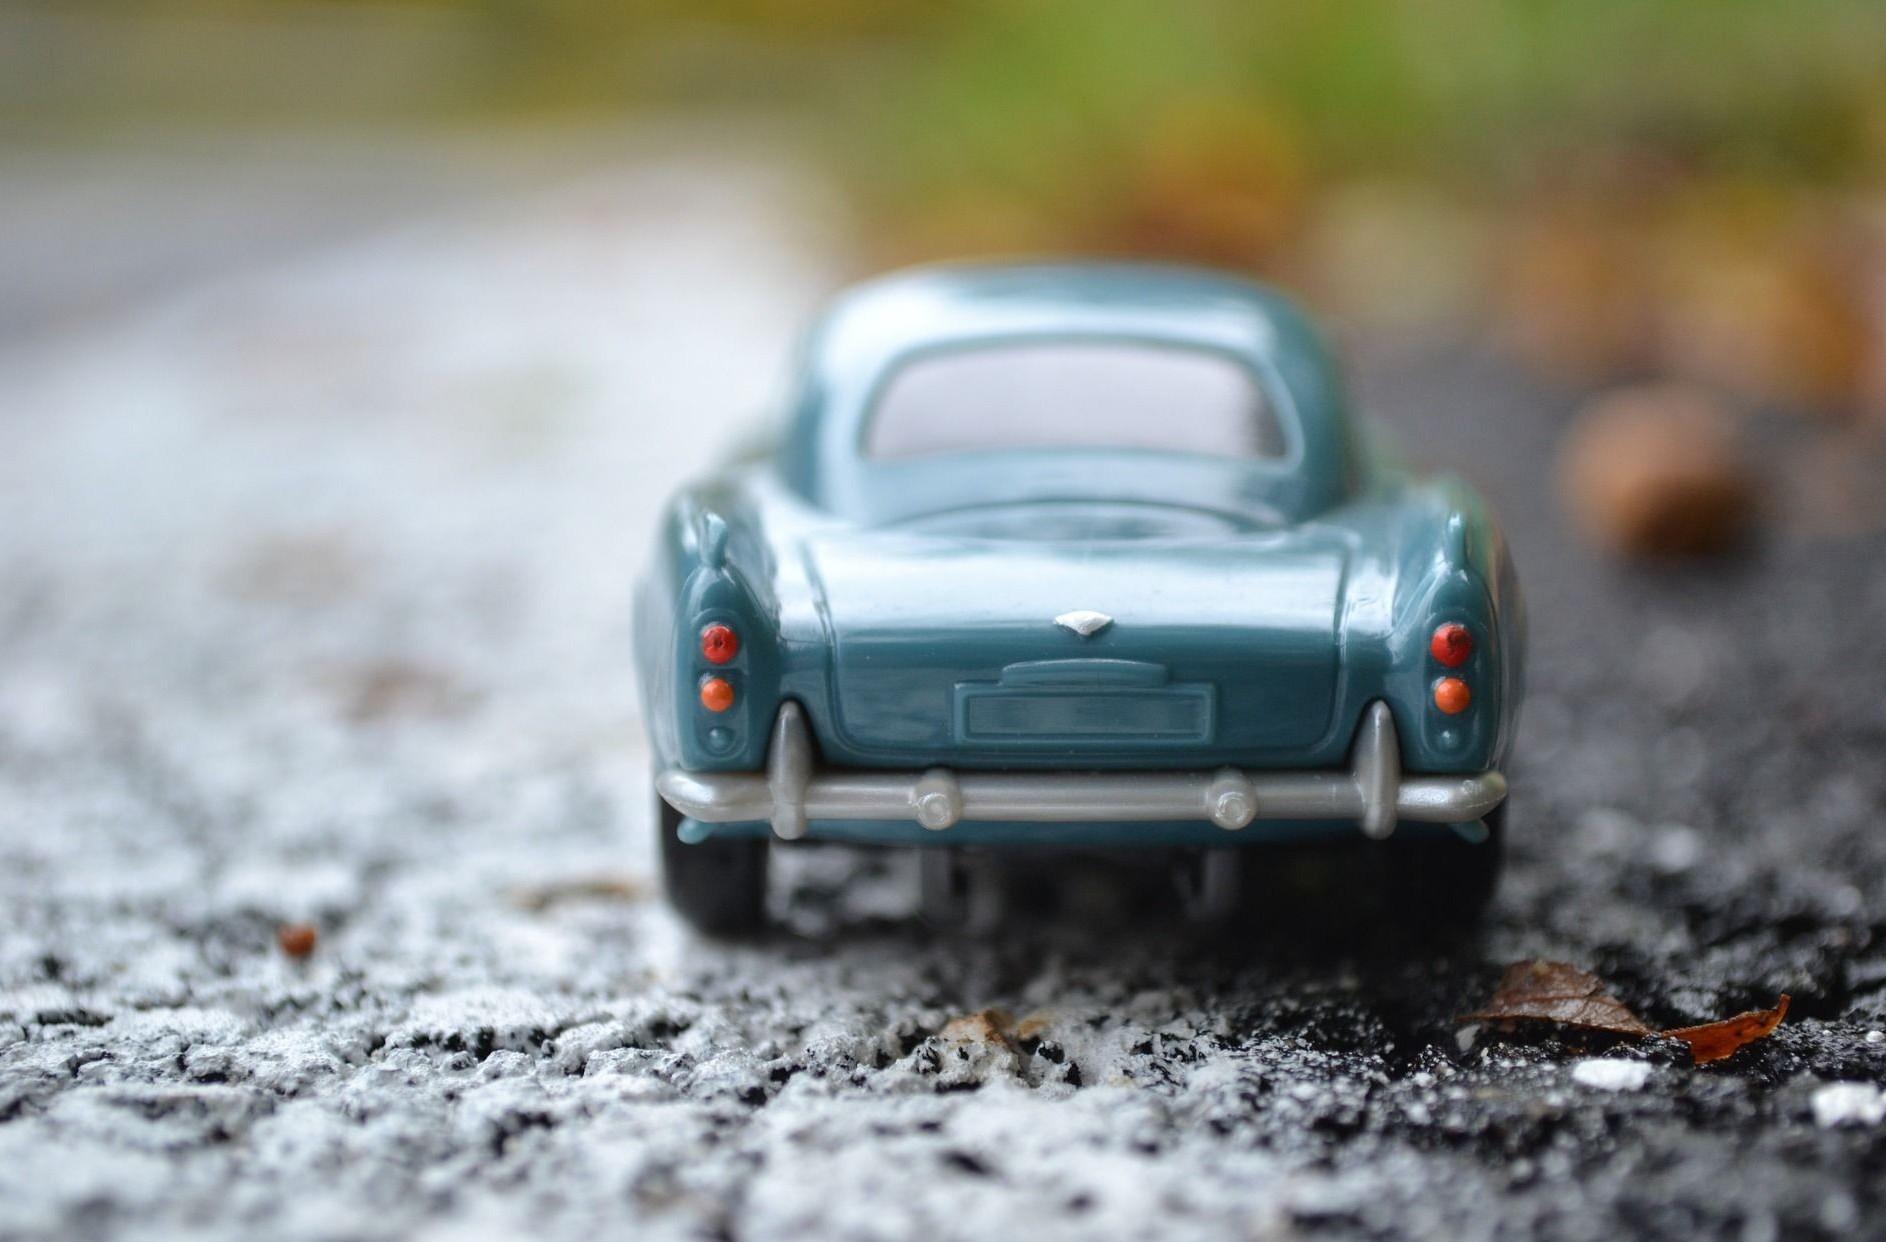 Incidenti stradali, risarcimenti più bas